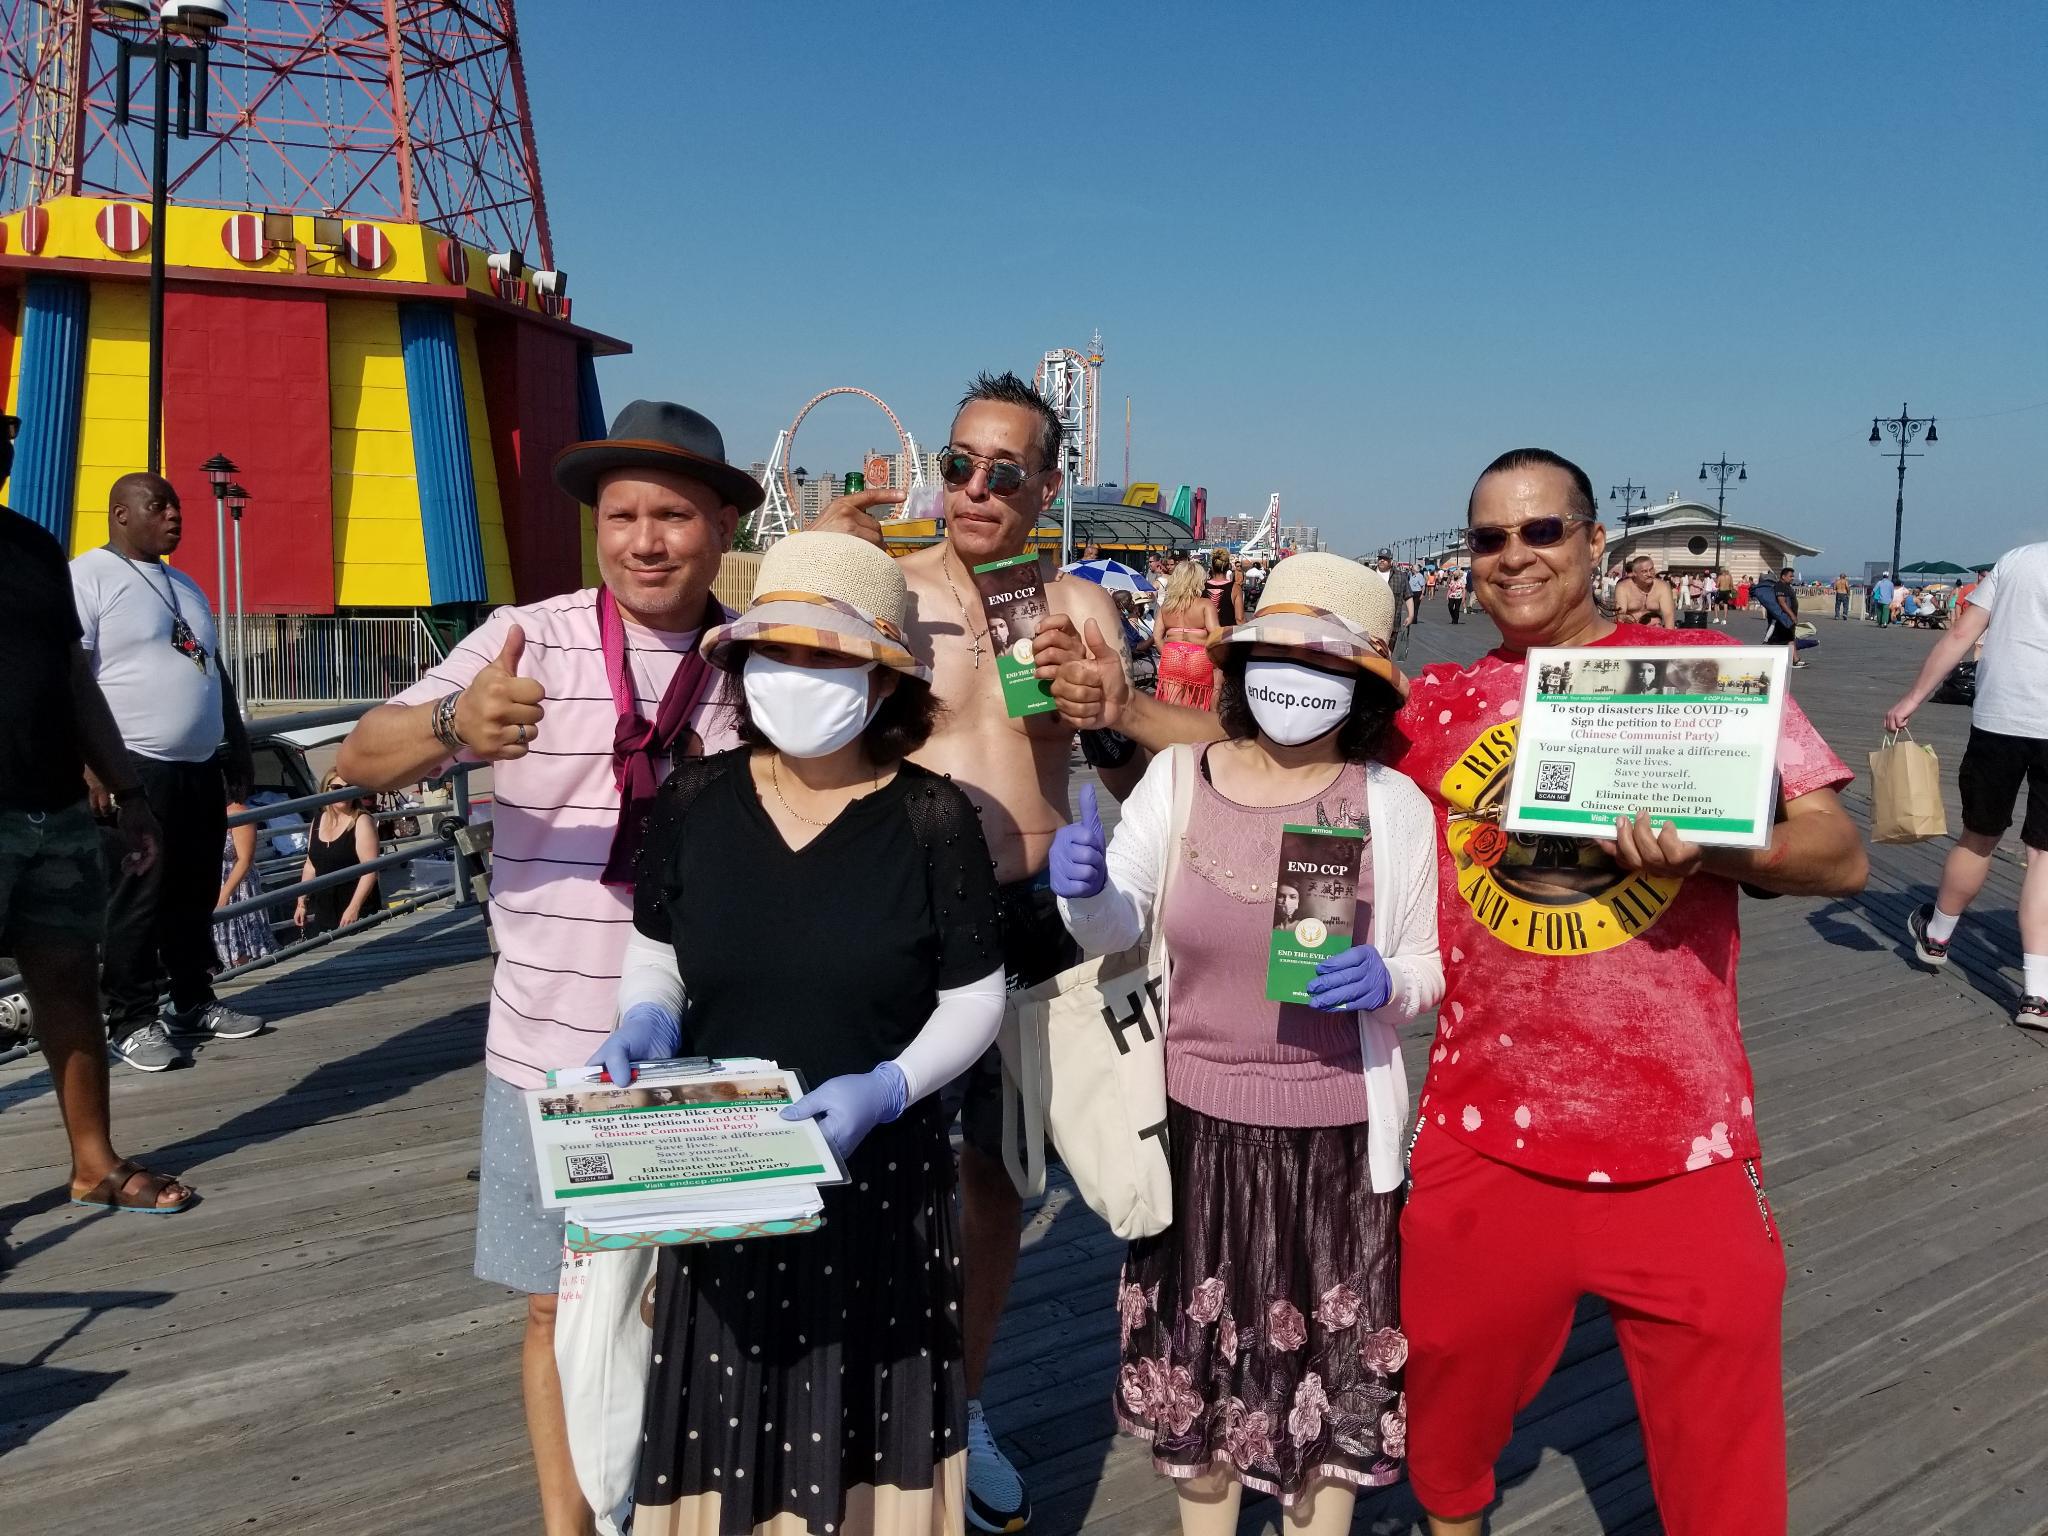 Sau khi ký tên, người dân New York vui vẻ chụp ảnh chung với các tình nguyện viên. (Ảnh: Global Service Center for Quitting the Chinese Communist Party)